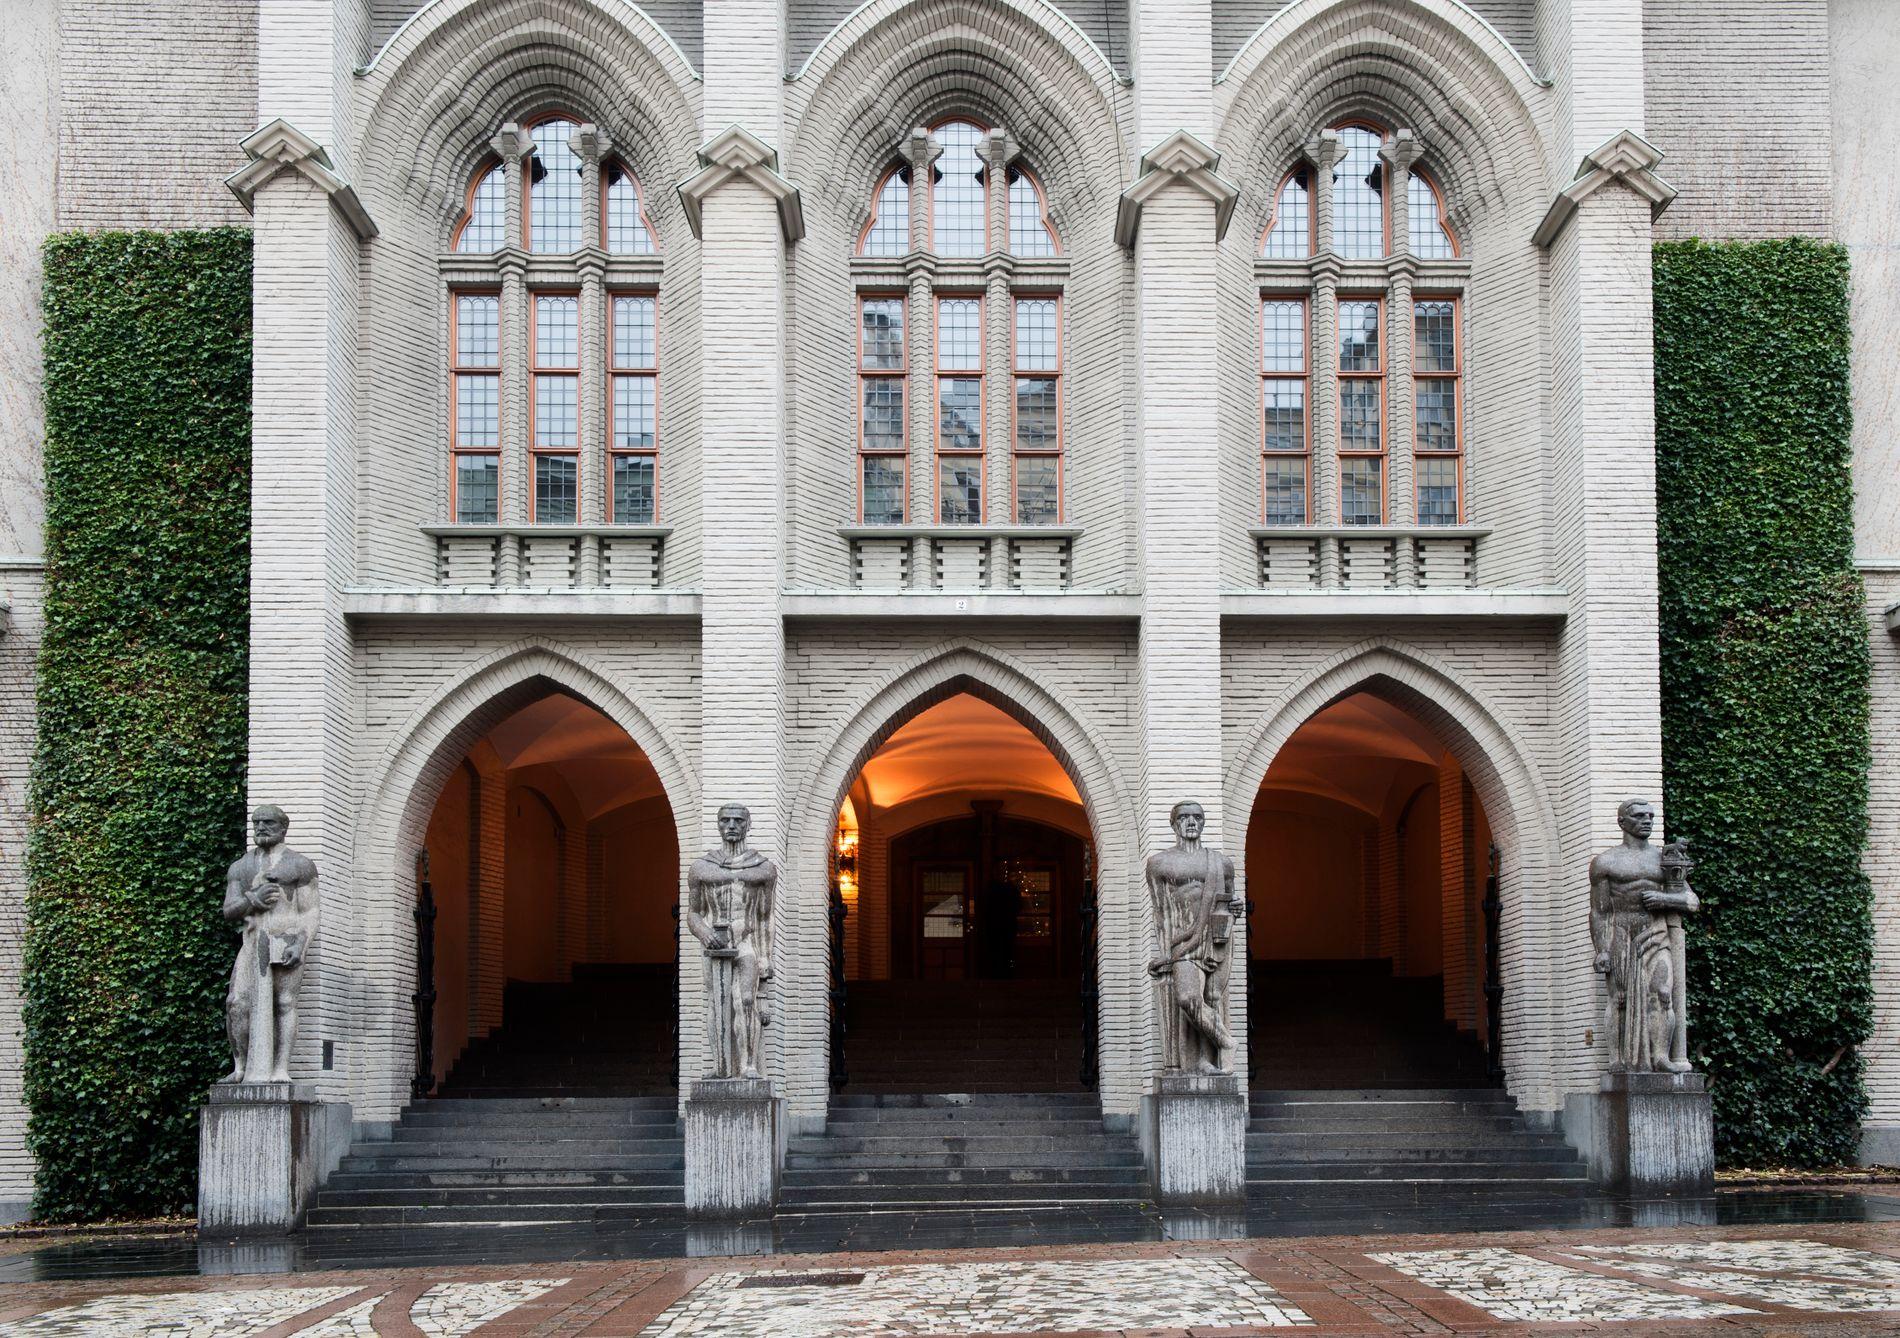 – LA TRAPPEN VÆRE: I realiteten ødelegger forslaget fra 4B Arkitekter en del av konseptet bak vinnerutkastet og en av-monumentalisering av bygningen, mener Carolyn Ahmer.